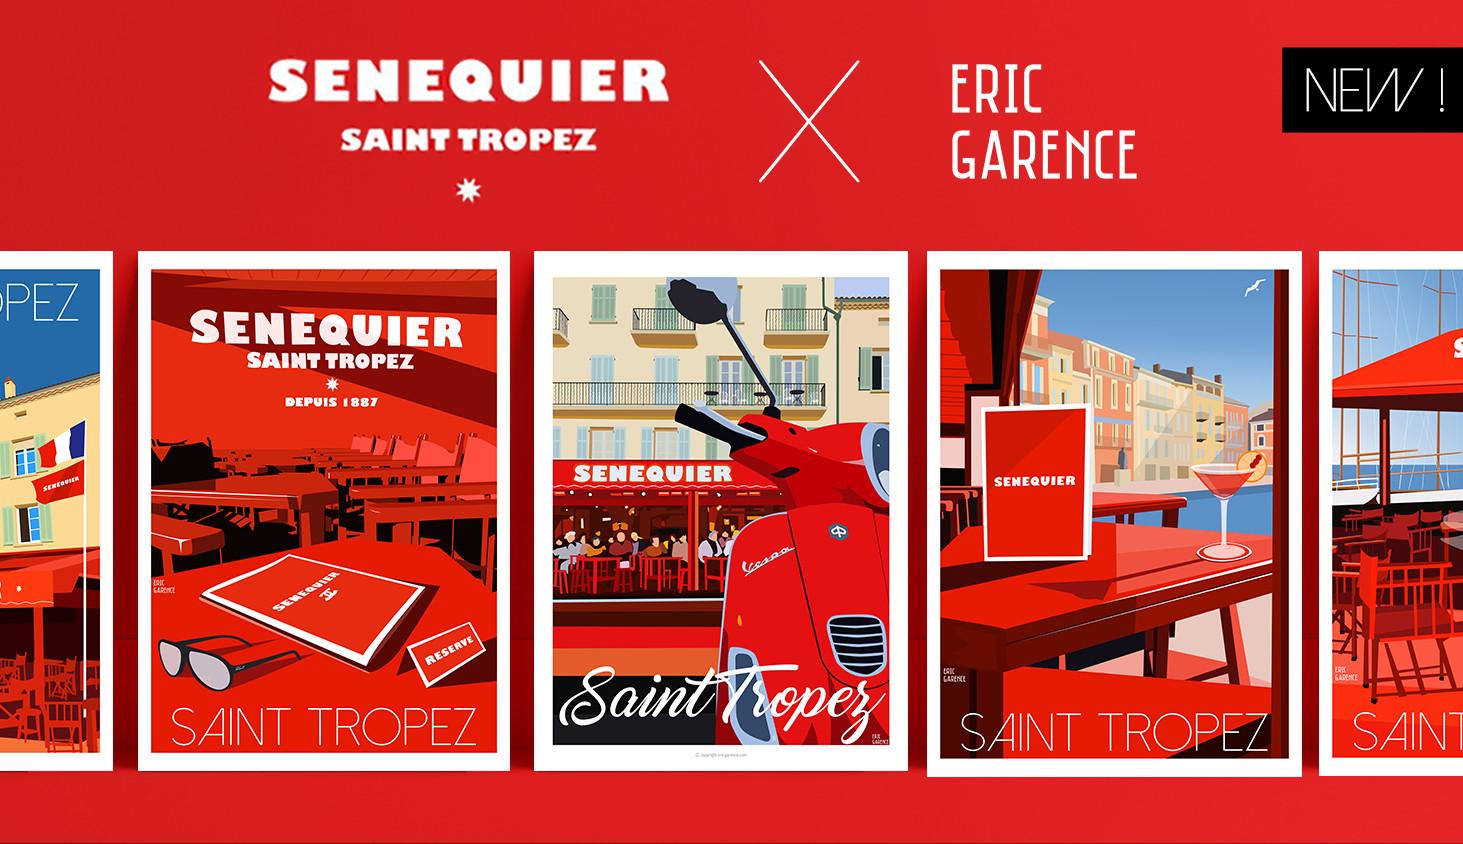 Senequier x Eric Garence